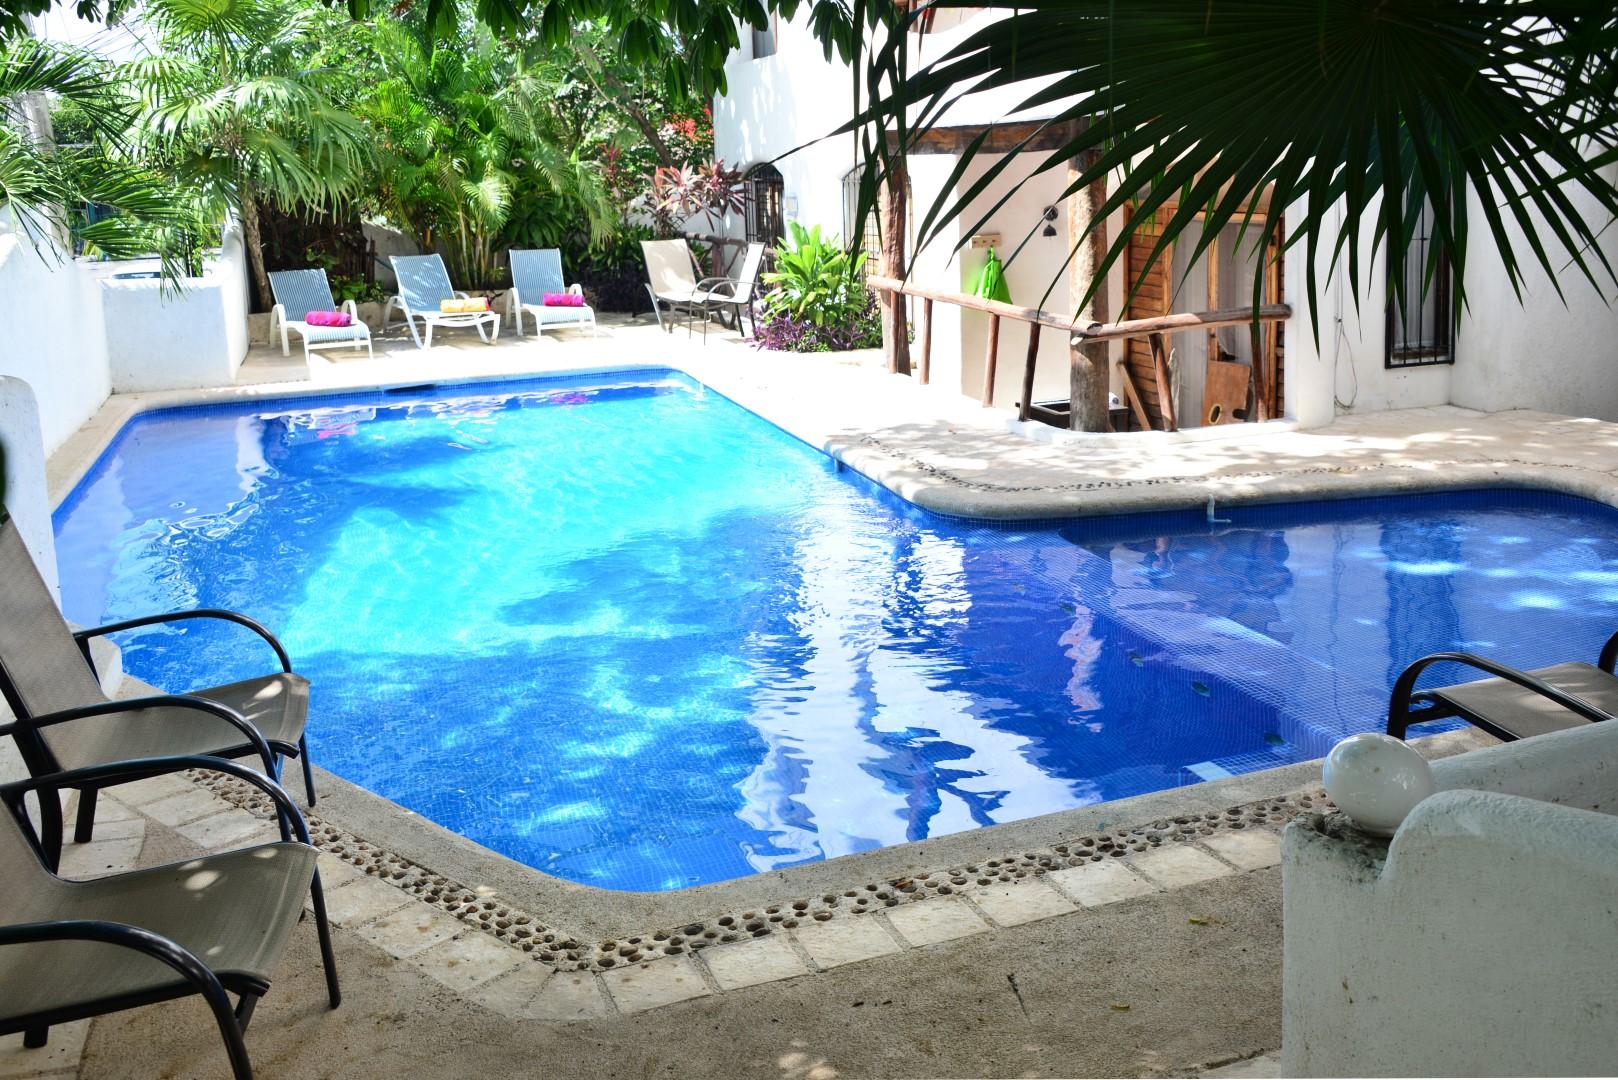 Casa del Sol Dahlia - Playa Del Carmen Holiday Rentals